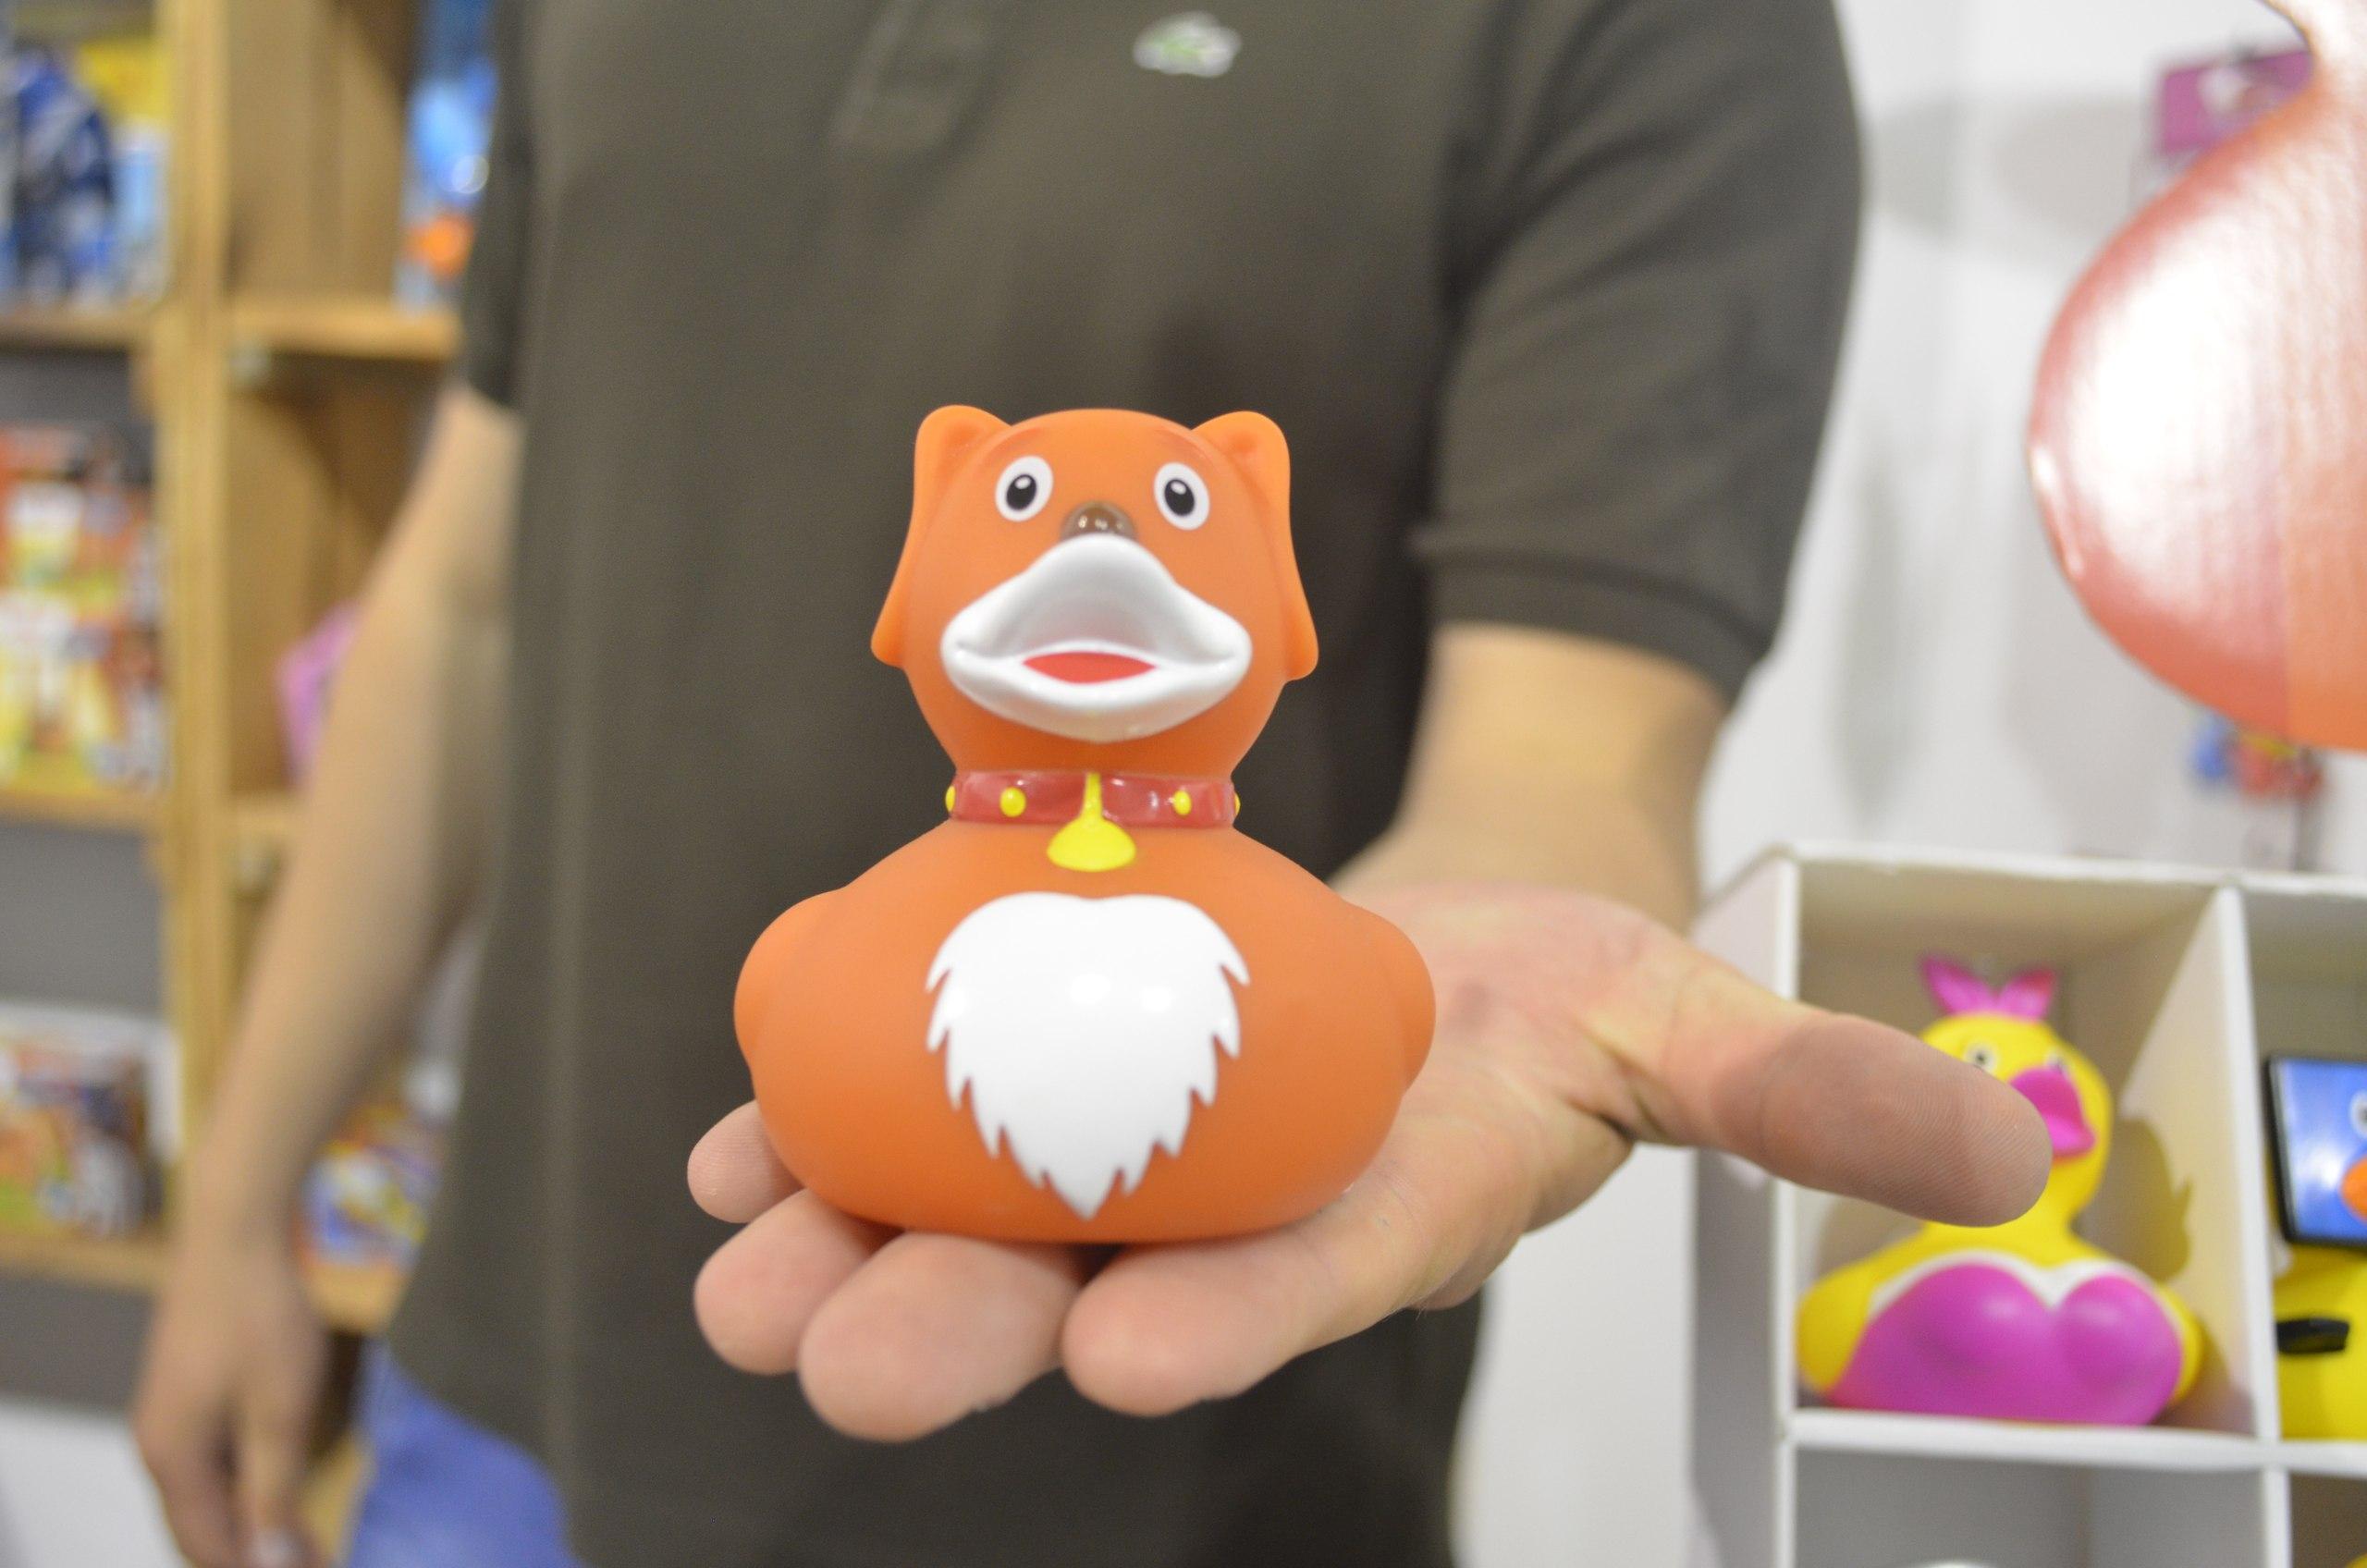 Мистецький Арсенал открыл интерактивный фестиваль для детей (фоторепортаж)